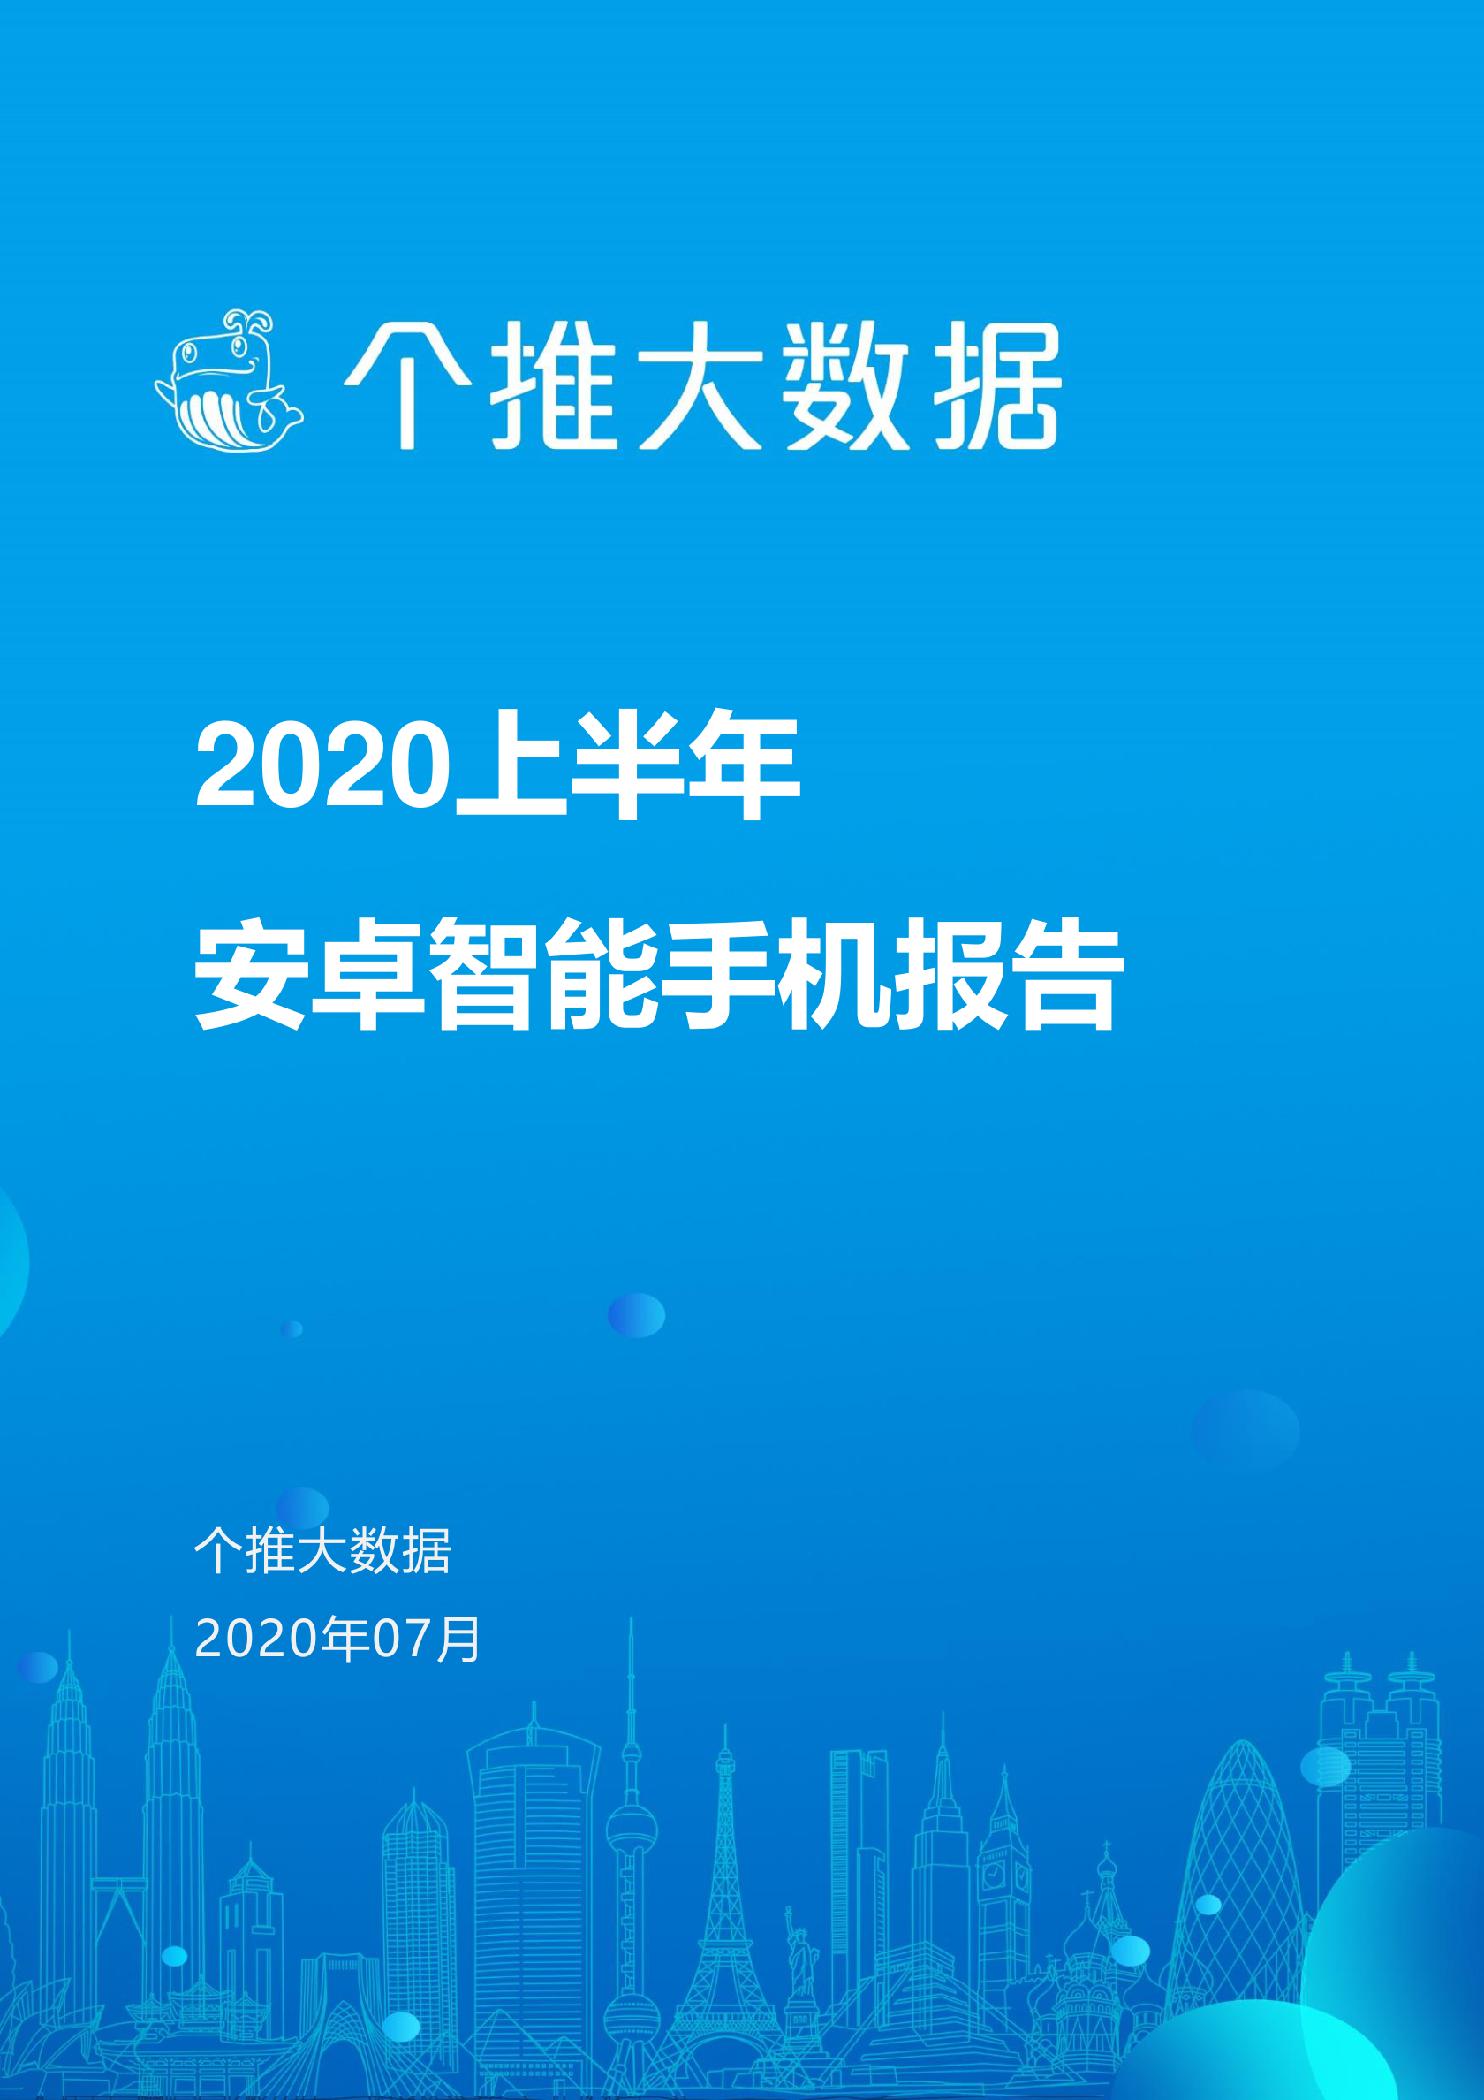 每日互动个推大数据:2020上半年安卓智能手机报告